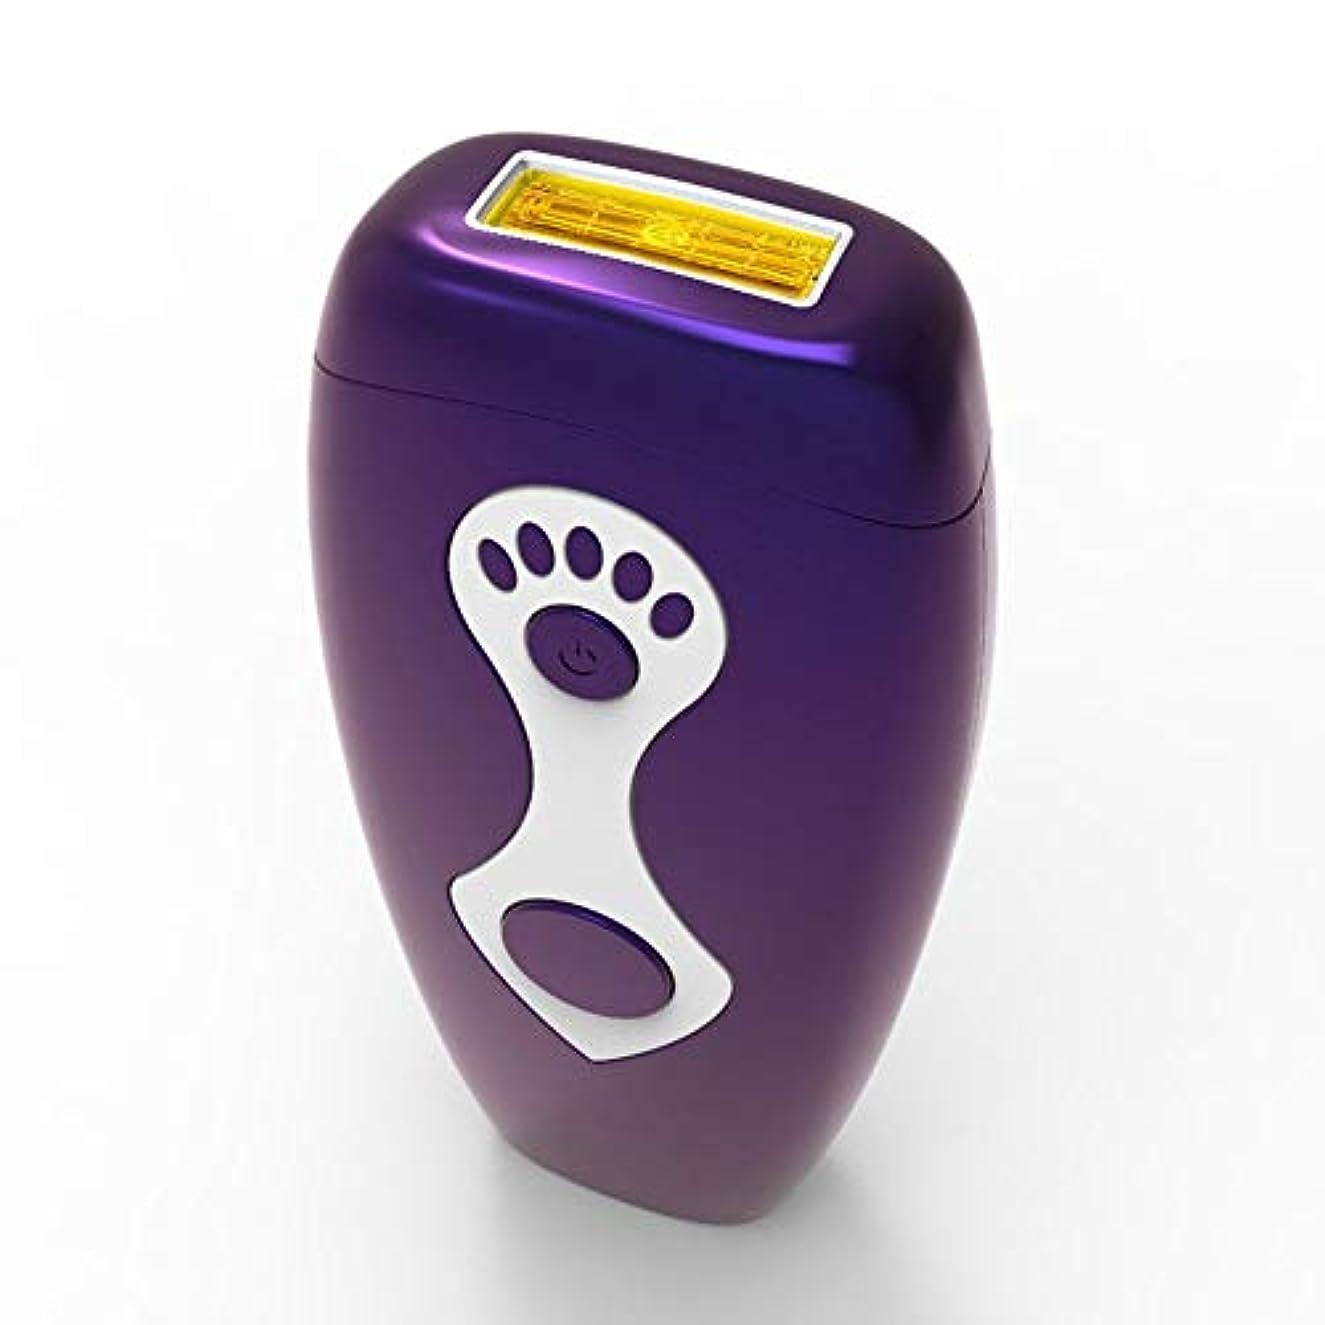 儀式到着する明確なNuanxin パーマネント脱毛、家庭用ニュートラルヘアリムーバー、柔らかい肌、マルチ運動エネルギー、安全性、グレード5無料調整、サイズ7.5×16.5 Cm F30 (Color : Purple)